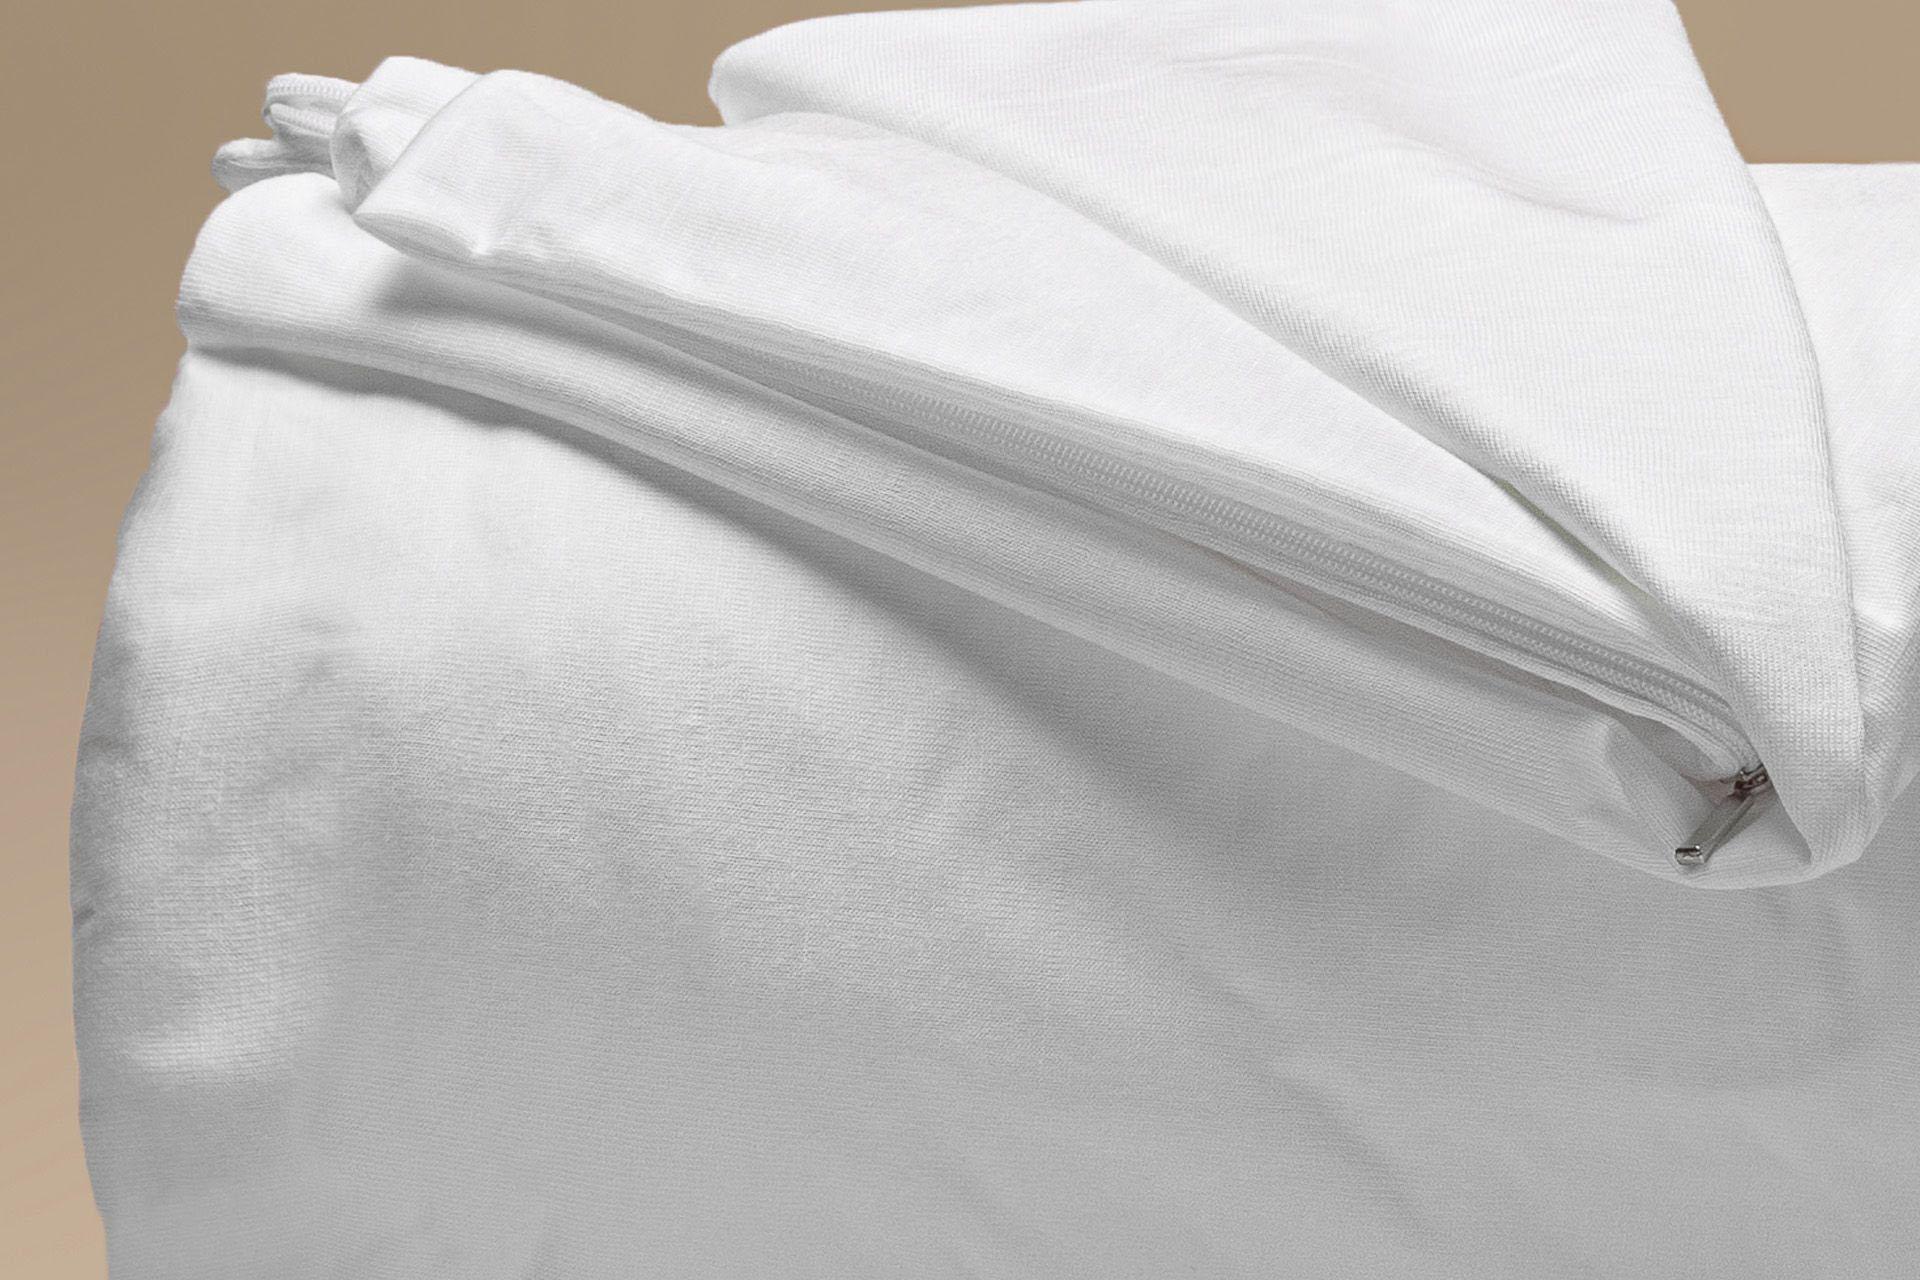 copricuscino coprimaterasso impermeabile tencel a cappuccio dettaglio